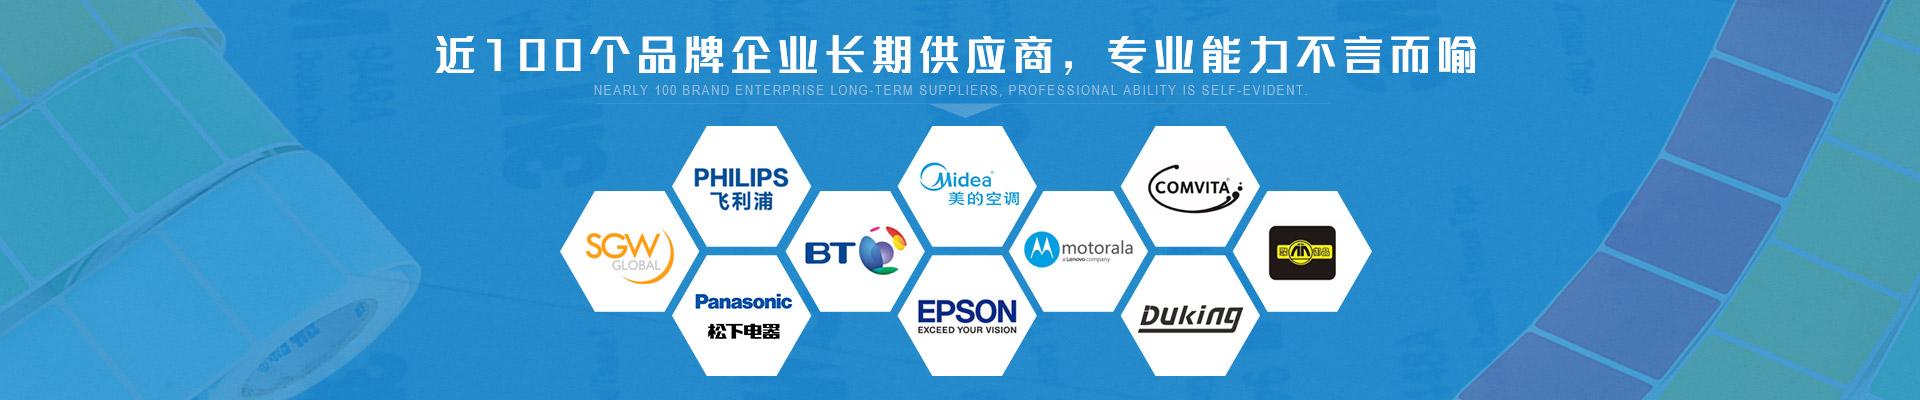 国塑近100个品牌企业长期供应商,专业能力不言而喻